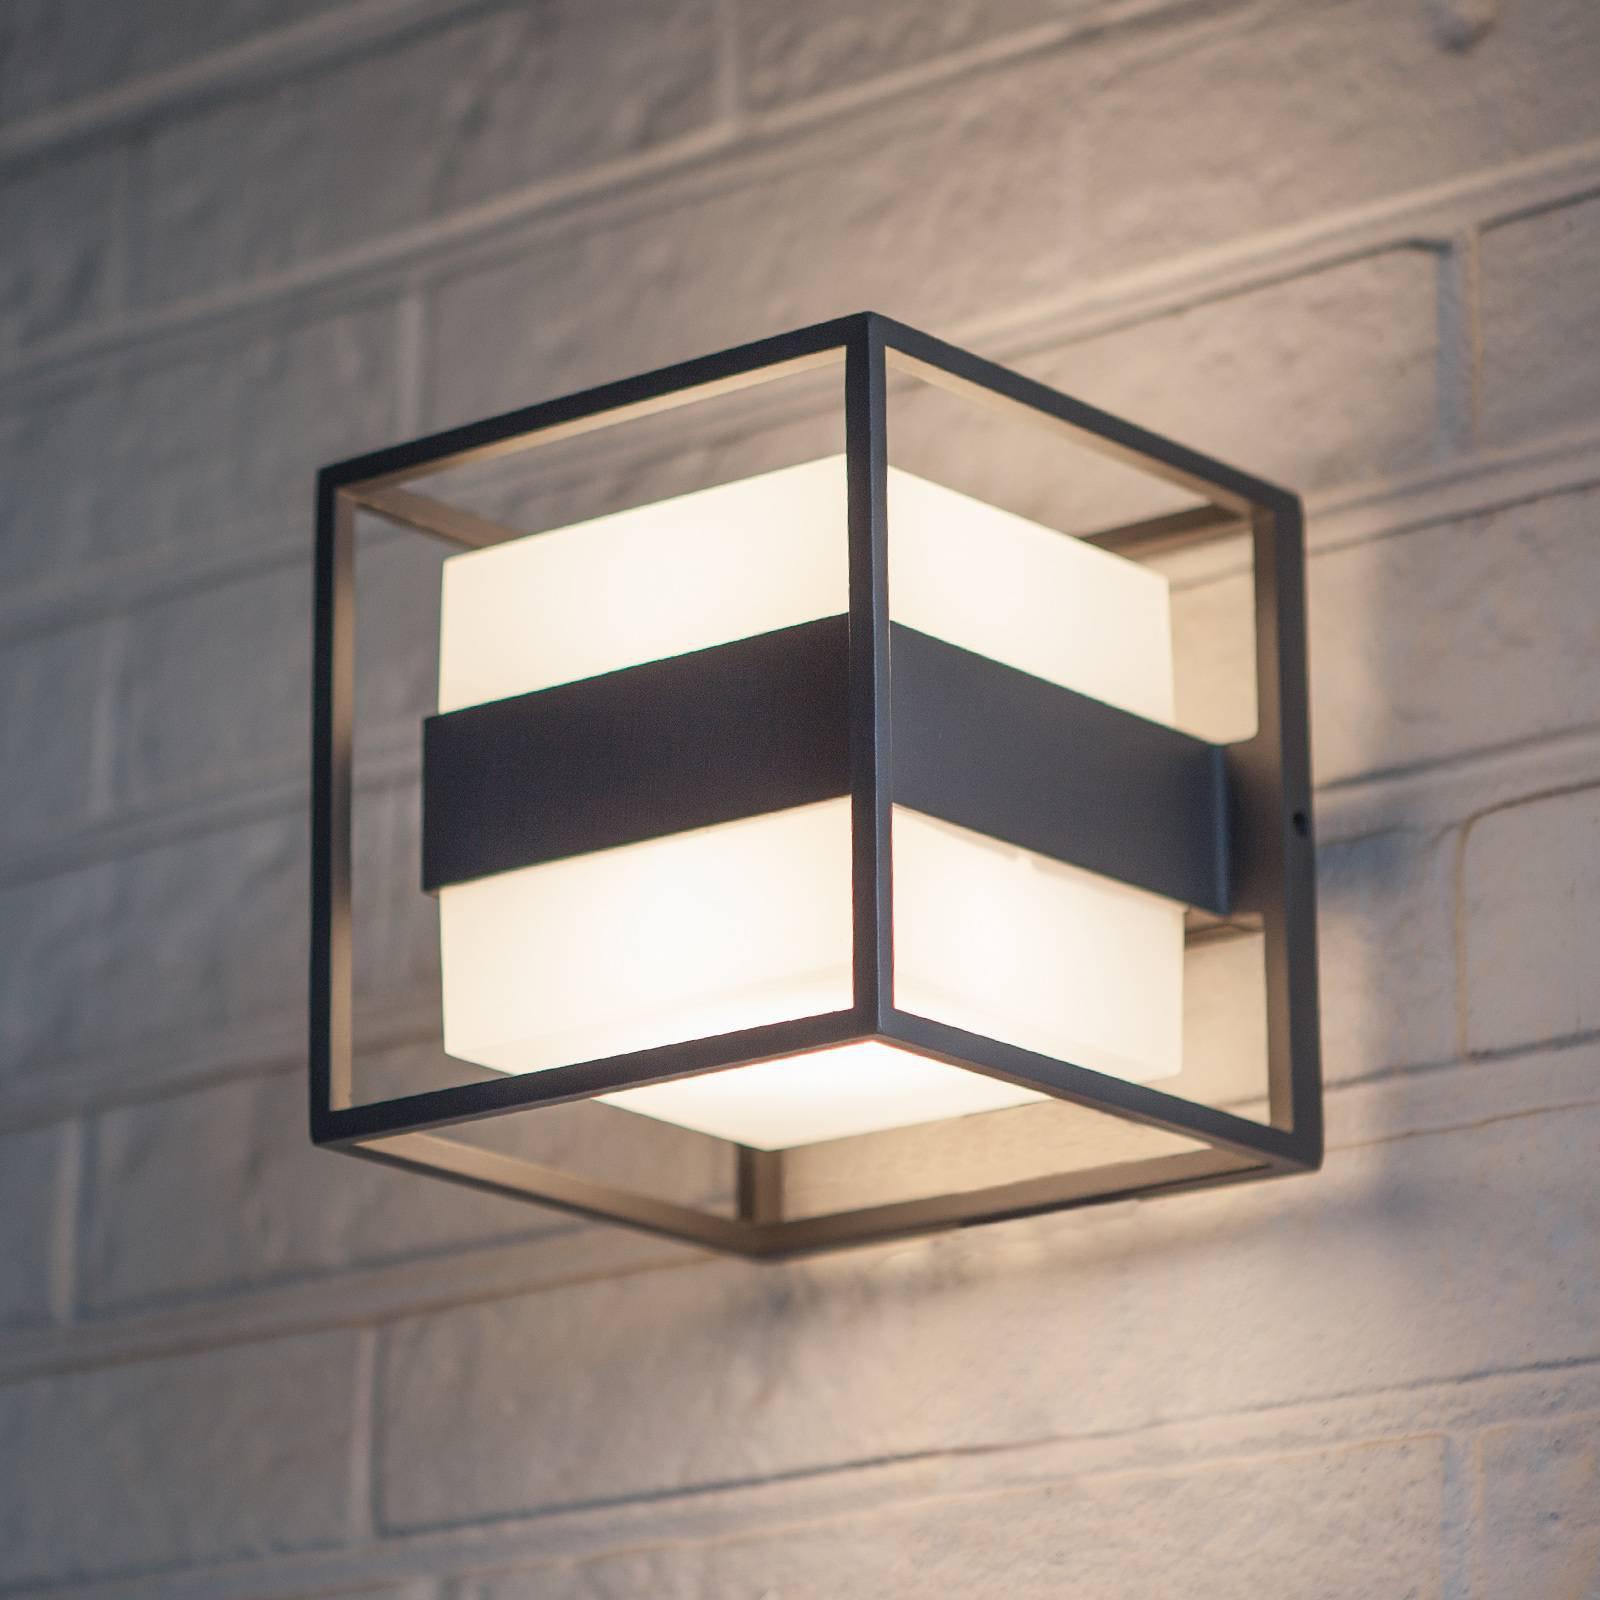 Utendørs LED-vegglampe Cruz, kubeformet